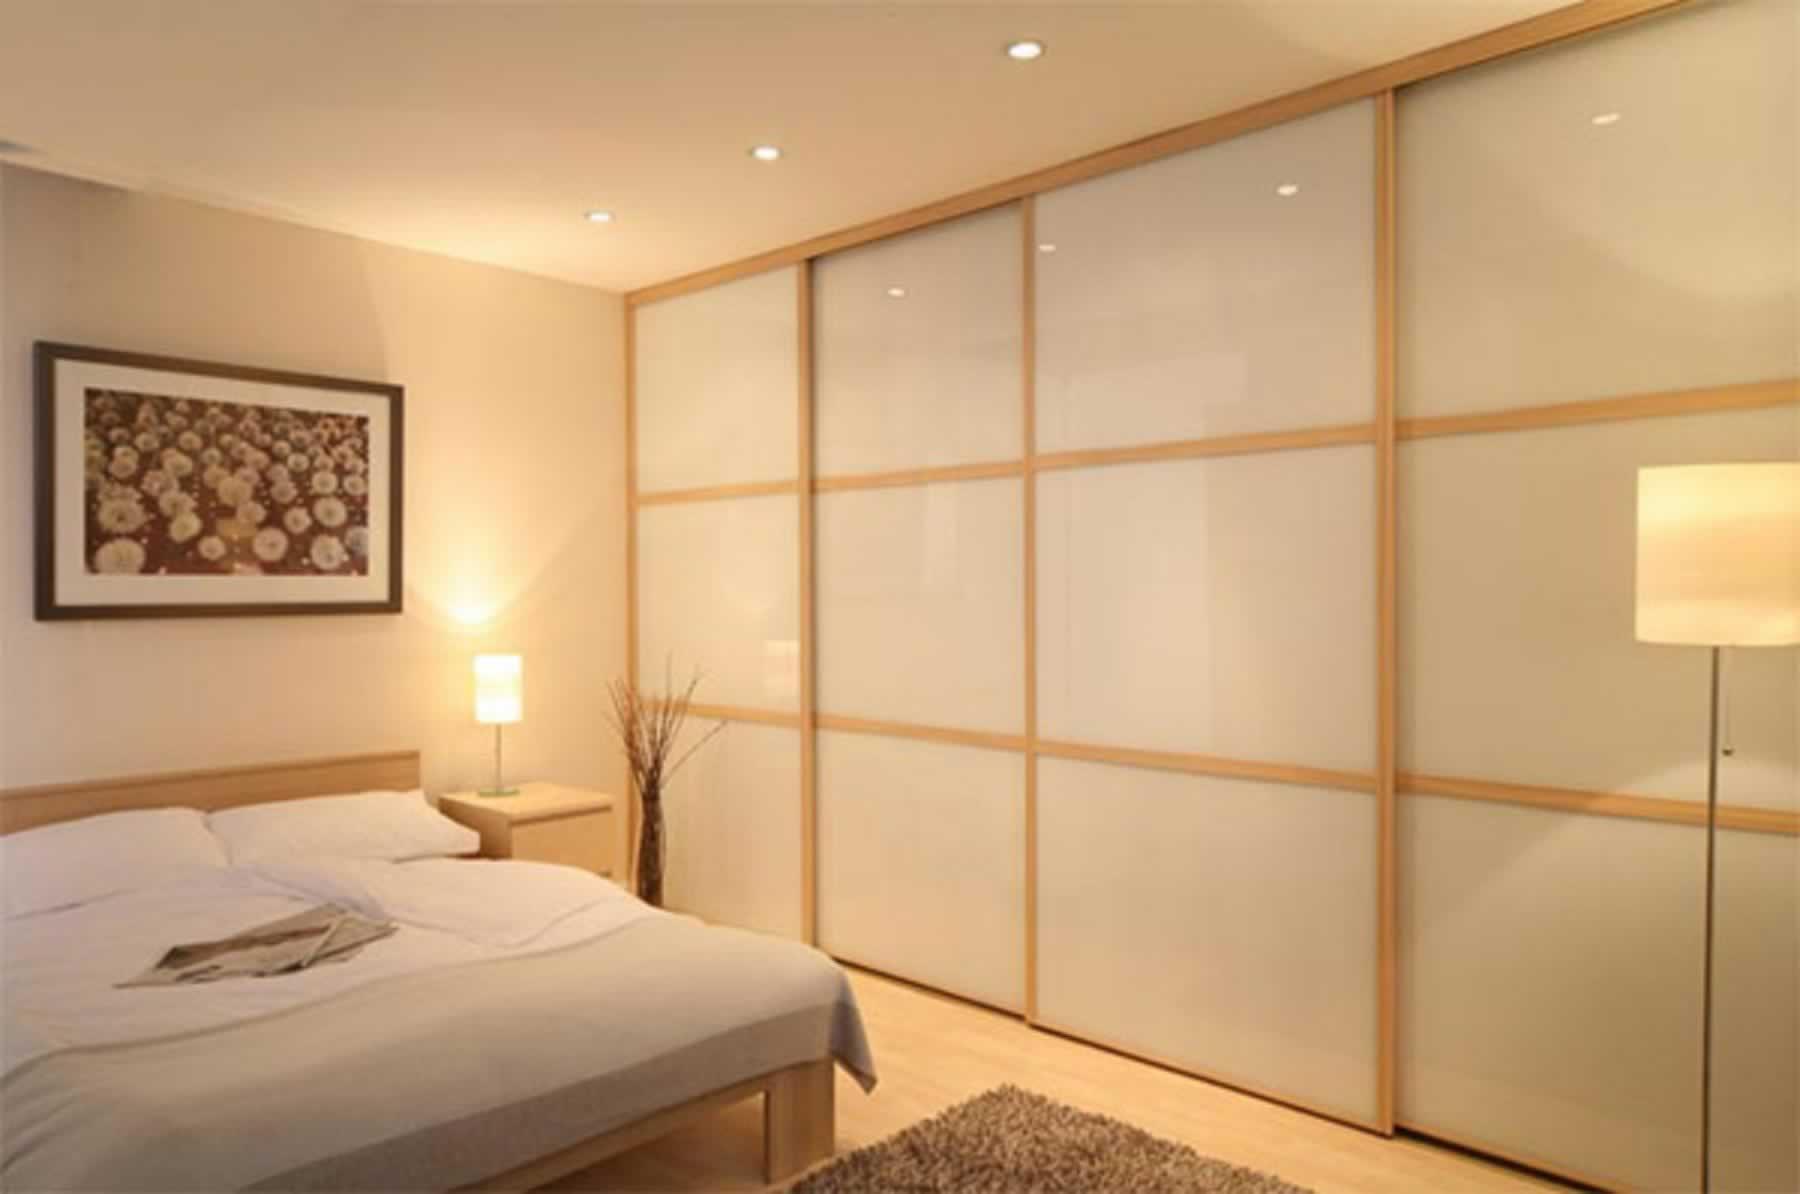 Встроенный шкаф в стену дизайн